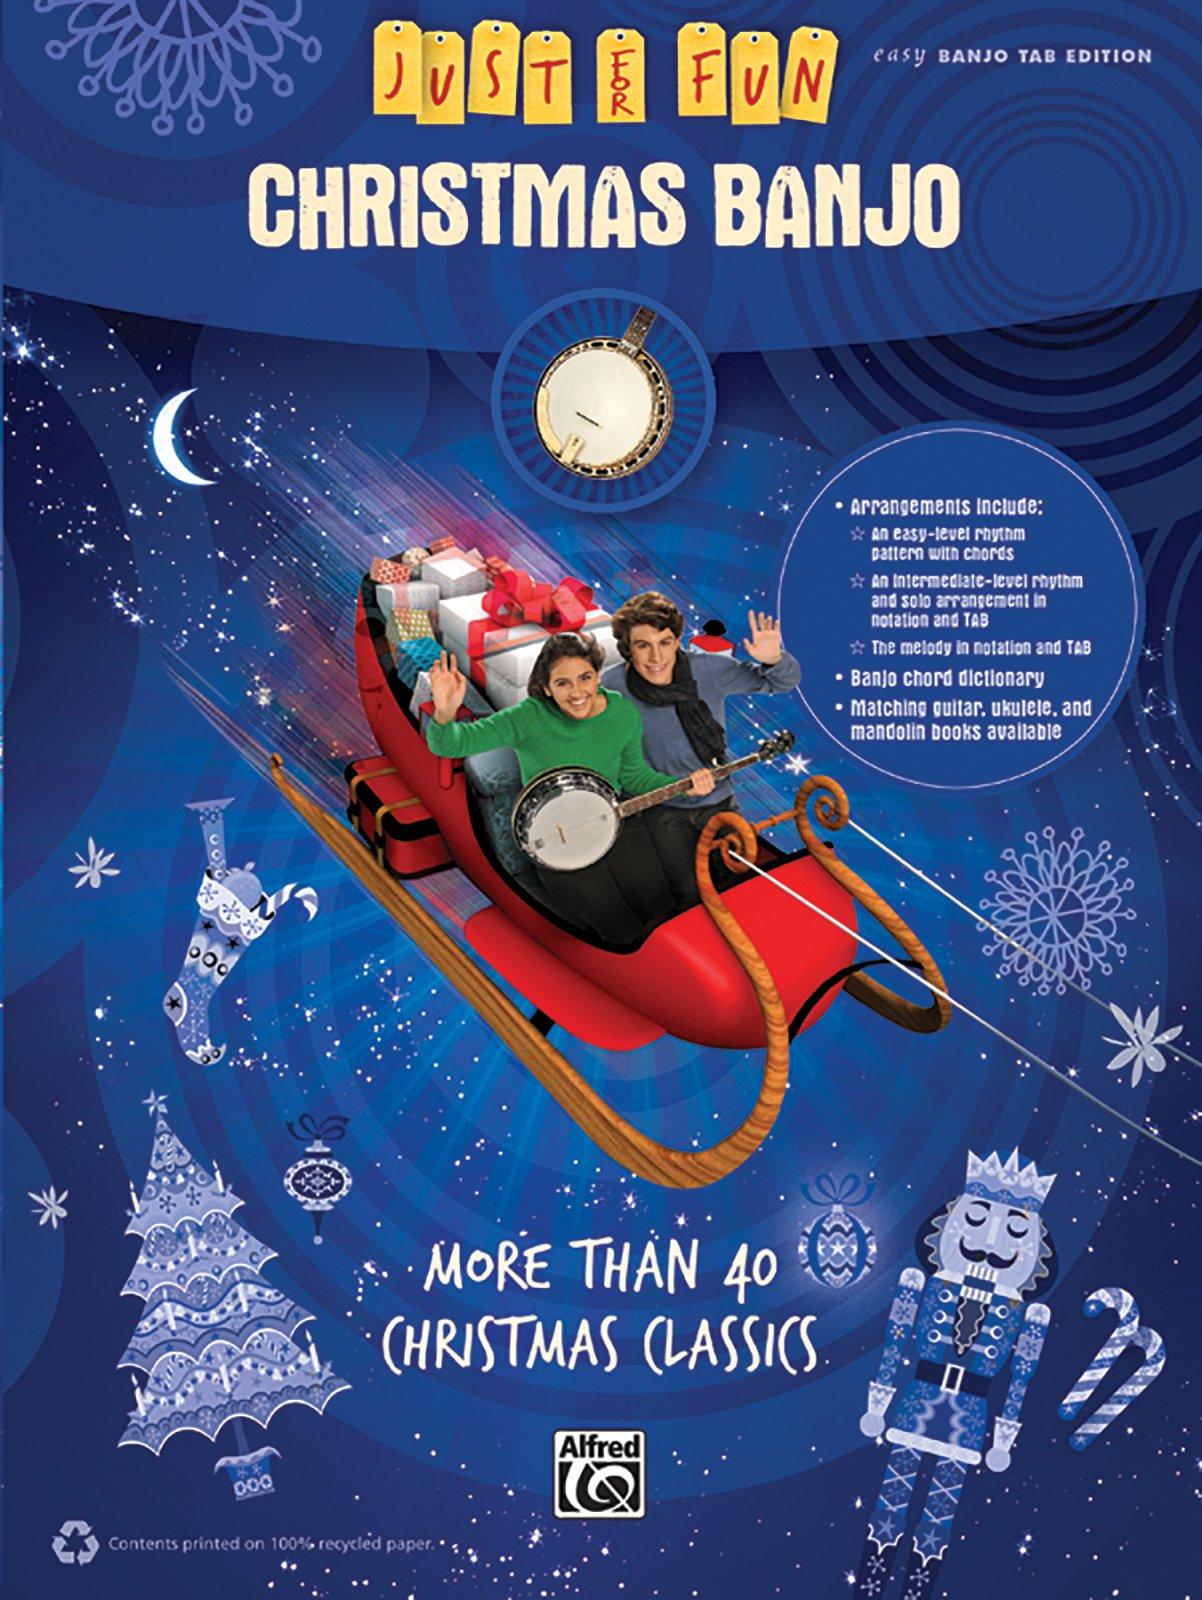 Just for Fun -- Christmas Banjo: More Than 40 Christmas Classics